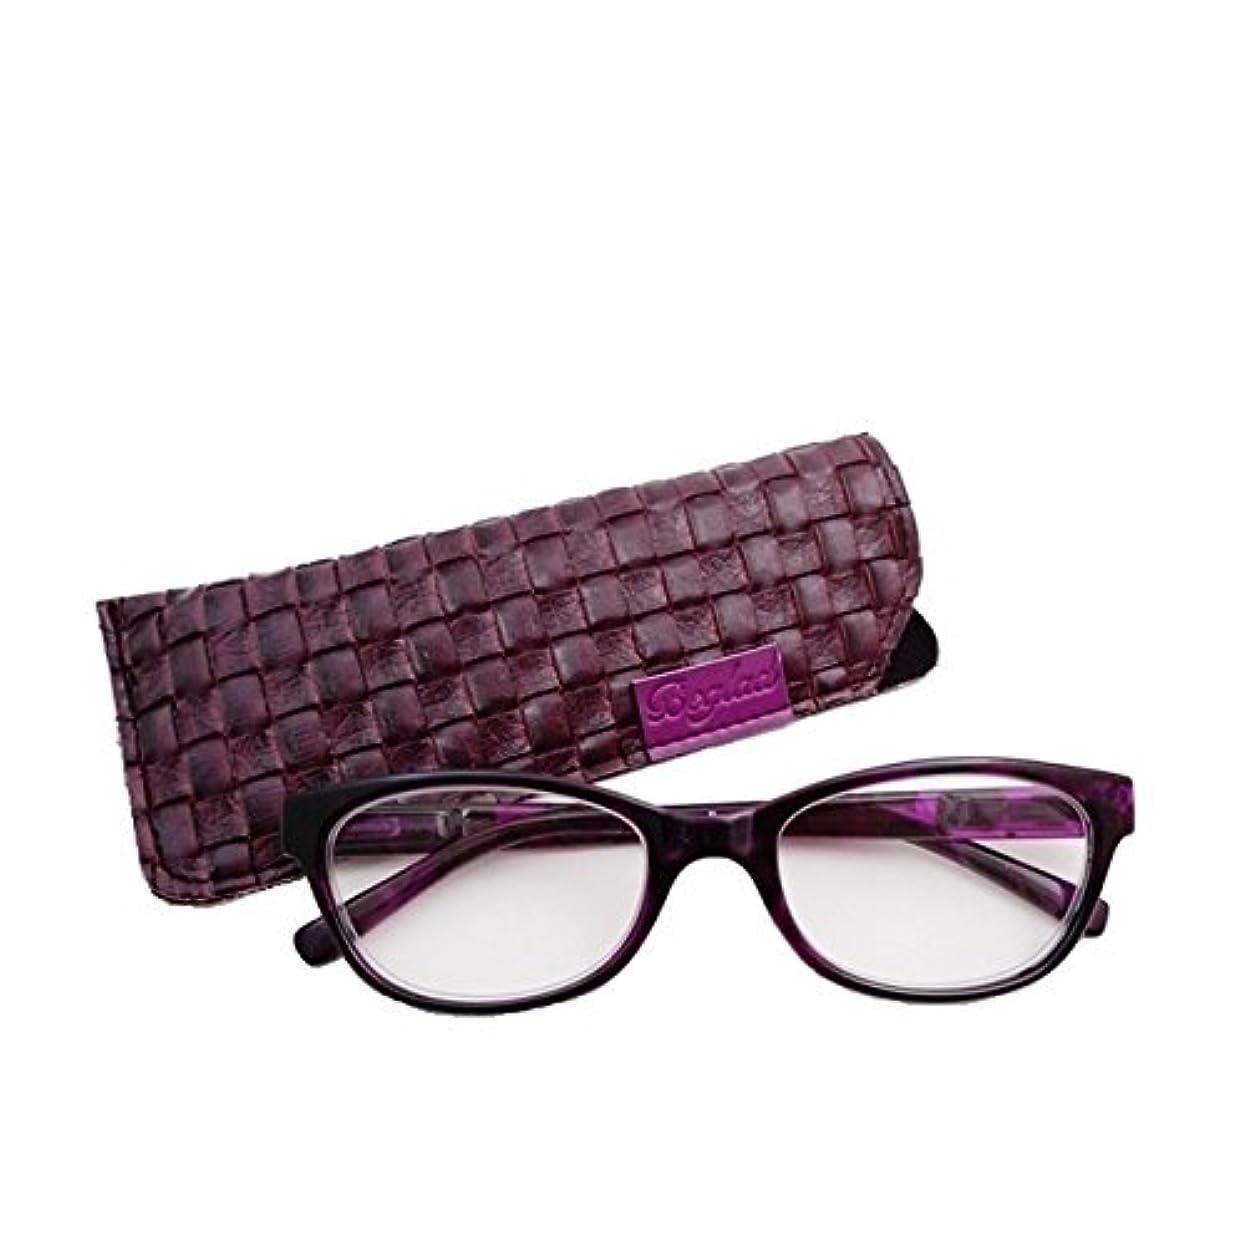 ビグラッド(BEGLAD) 老眼鏡 パープル 度数:+1.00 おしゃれなケース付 小さめサイズ BGT1011DPL